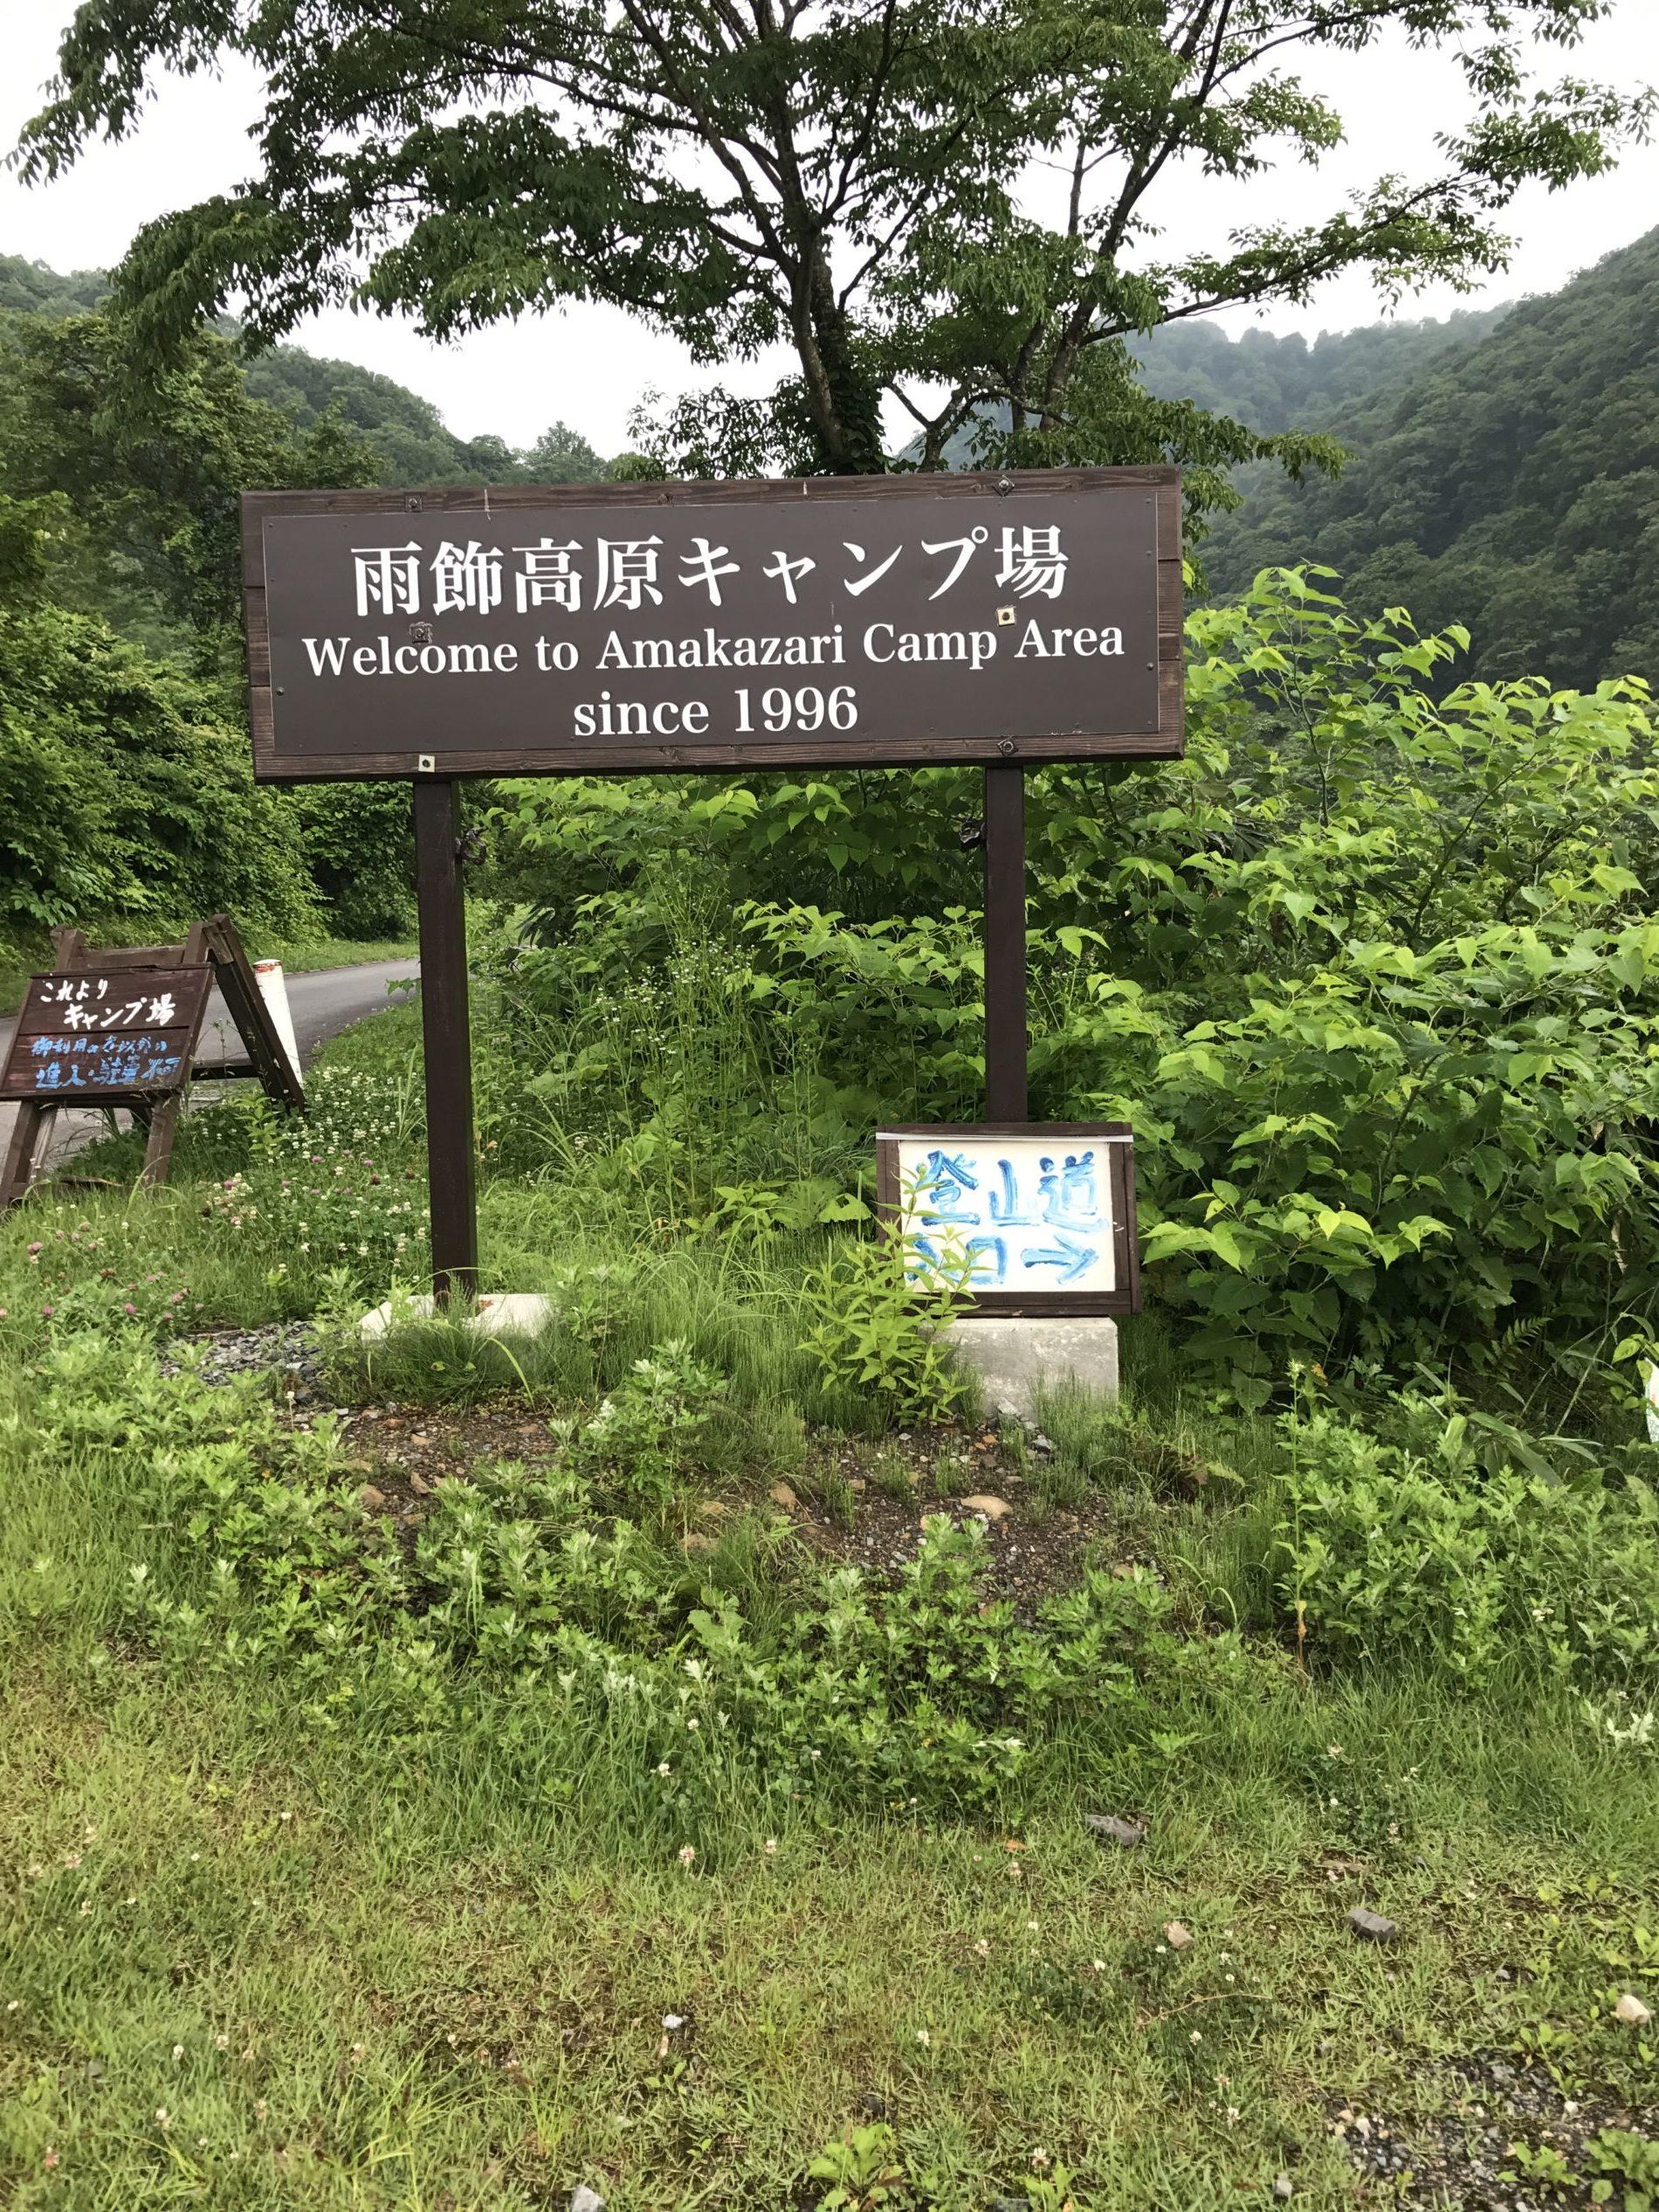 雨飾山 雨飾高原キャンプ場〜